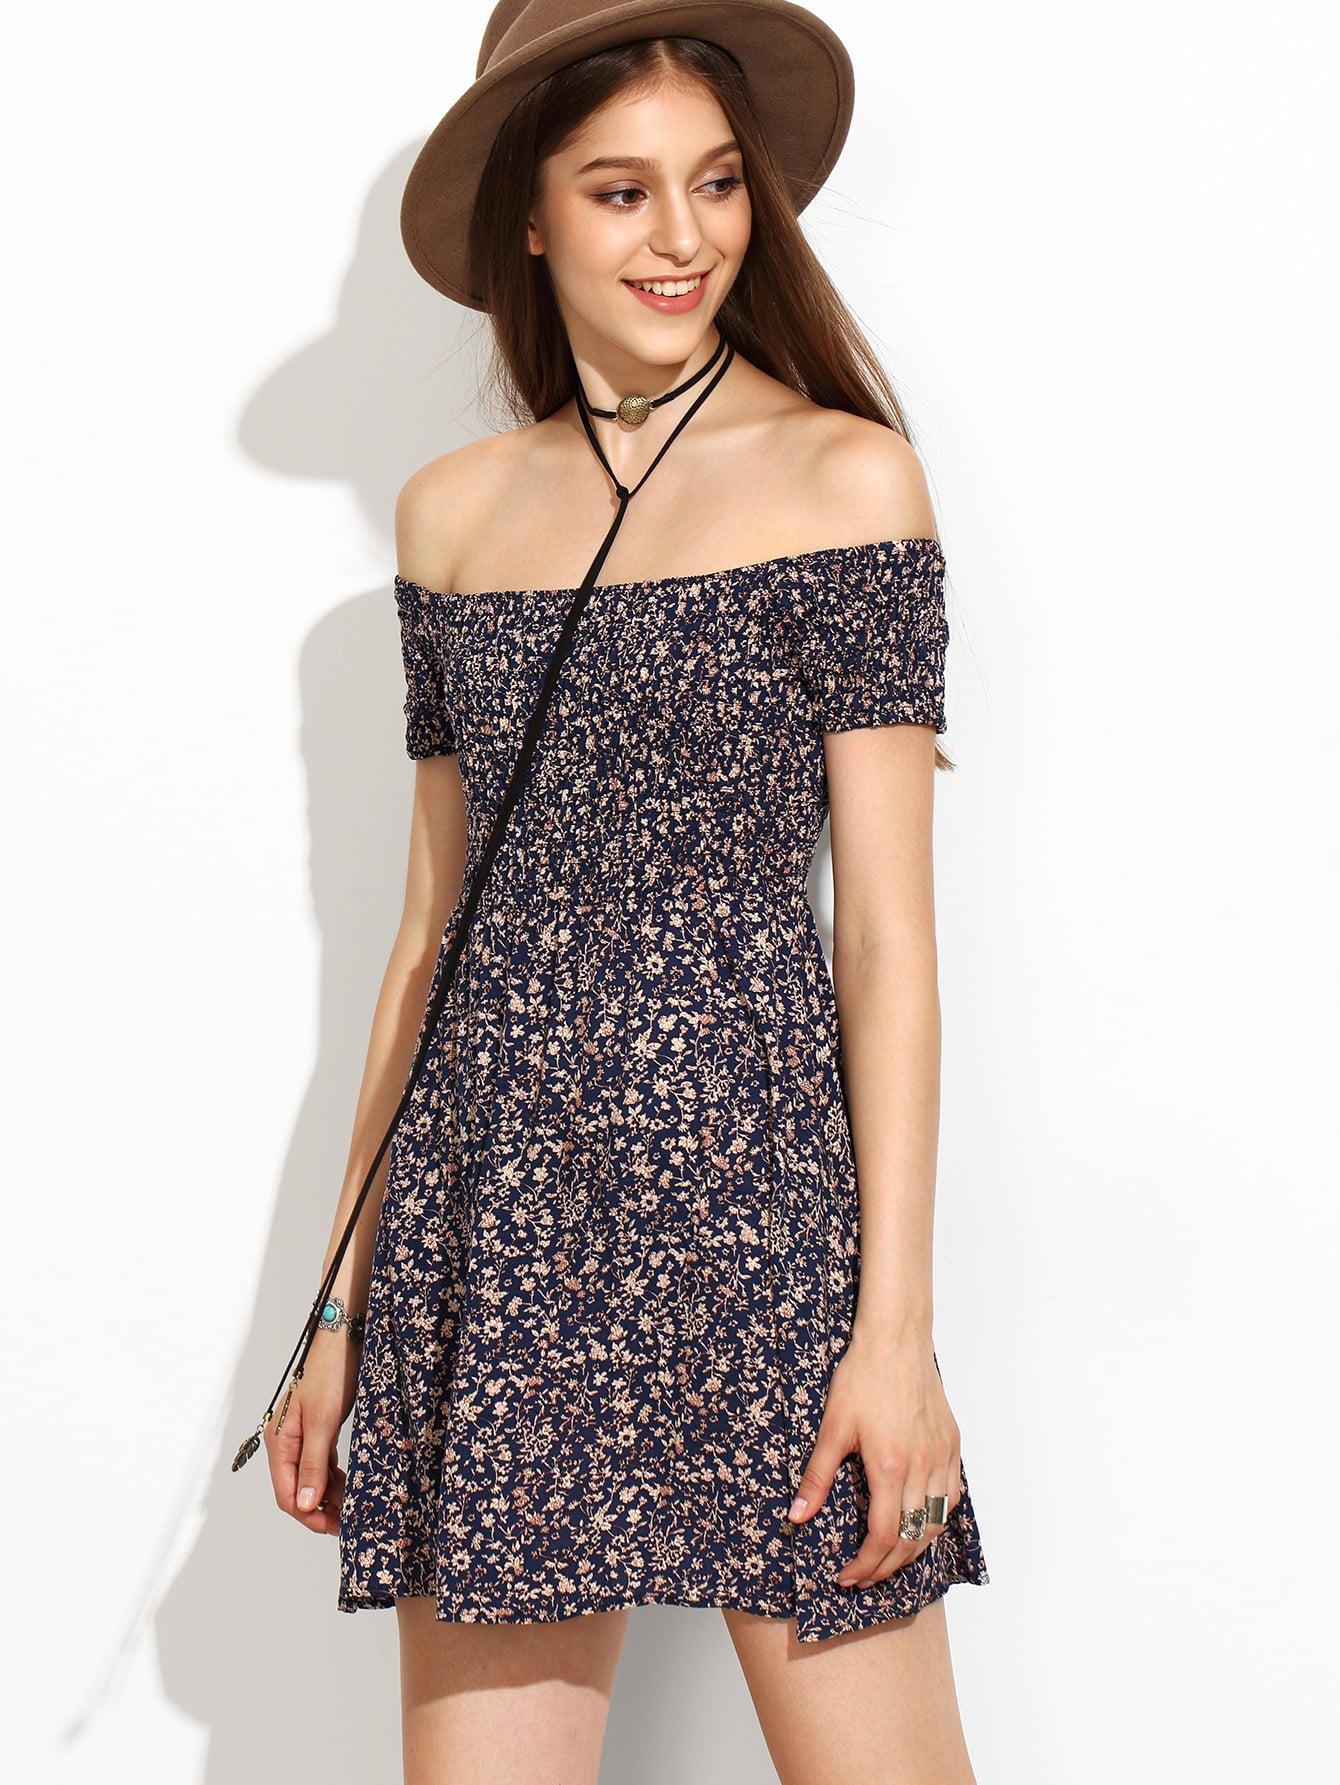 dress160802304_2